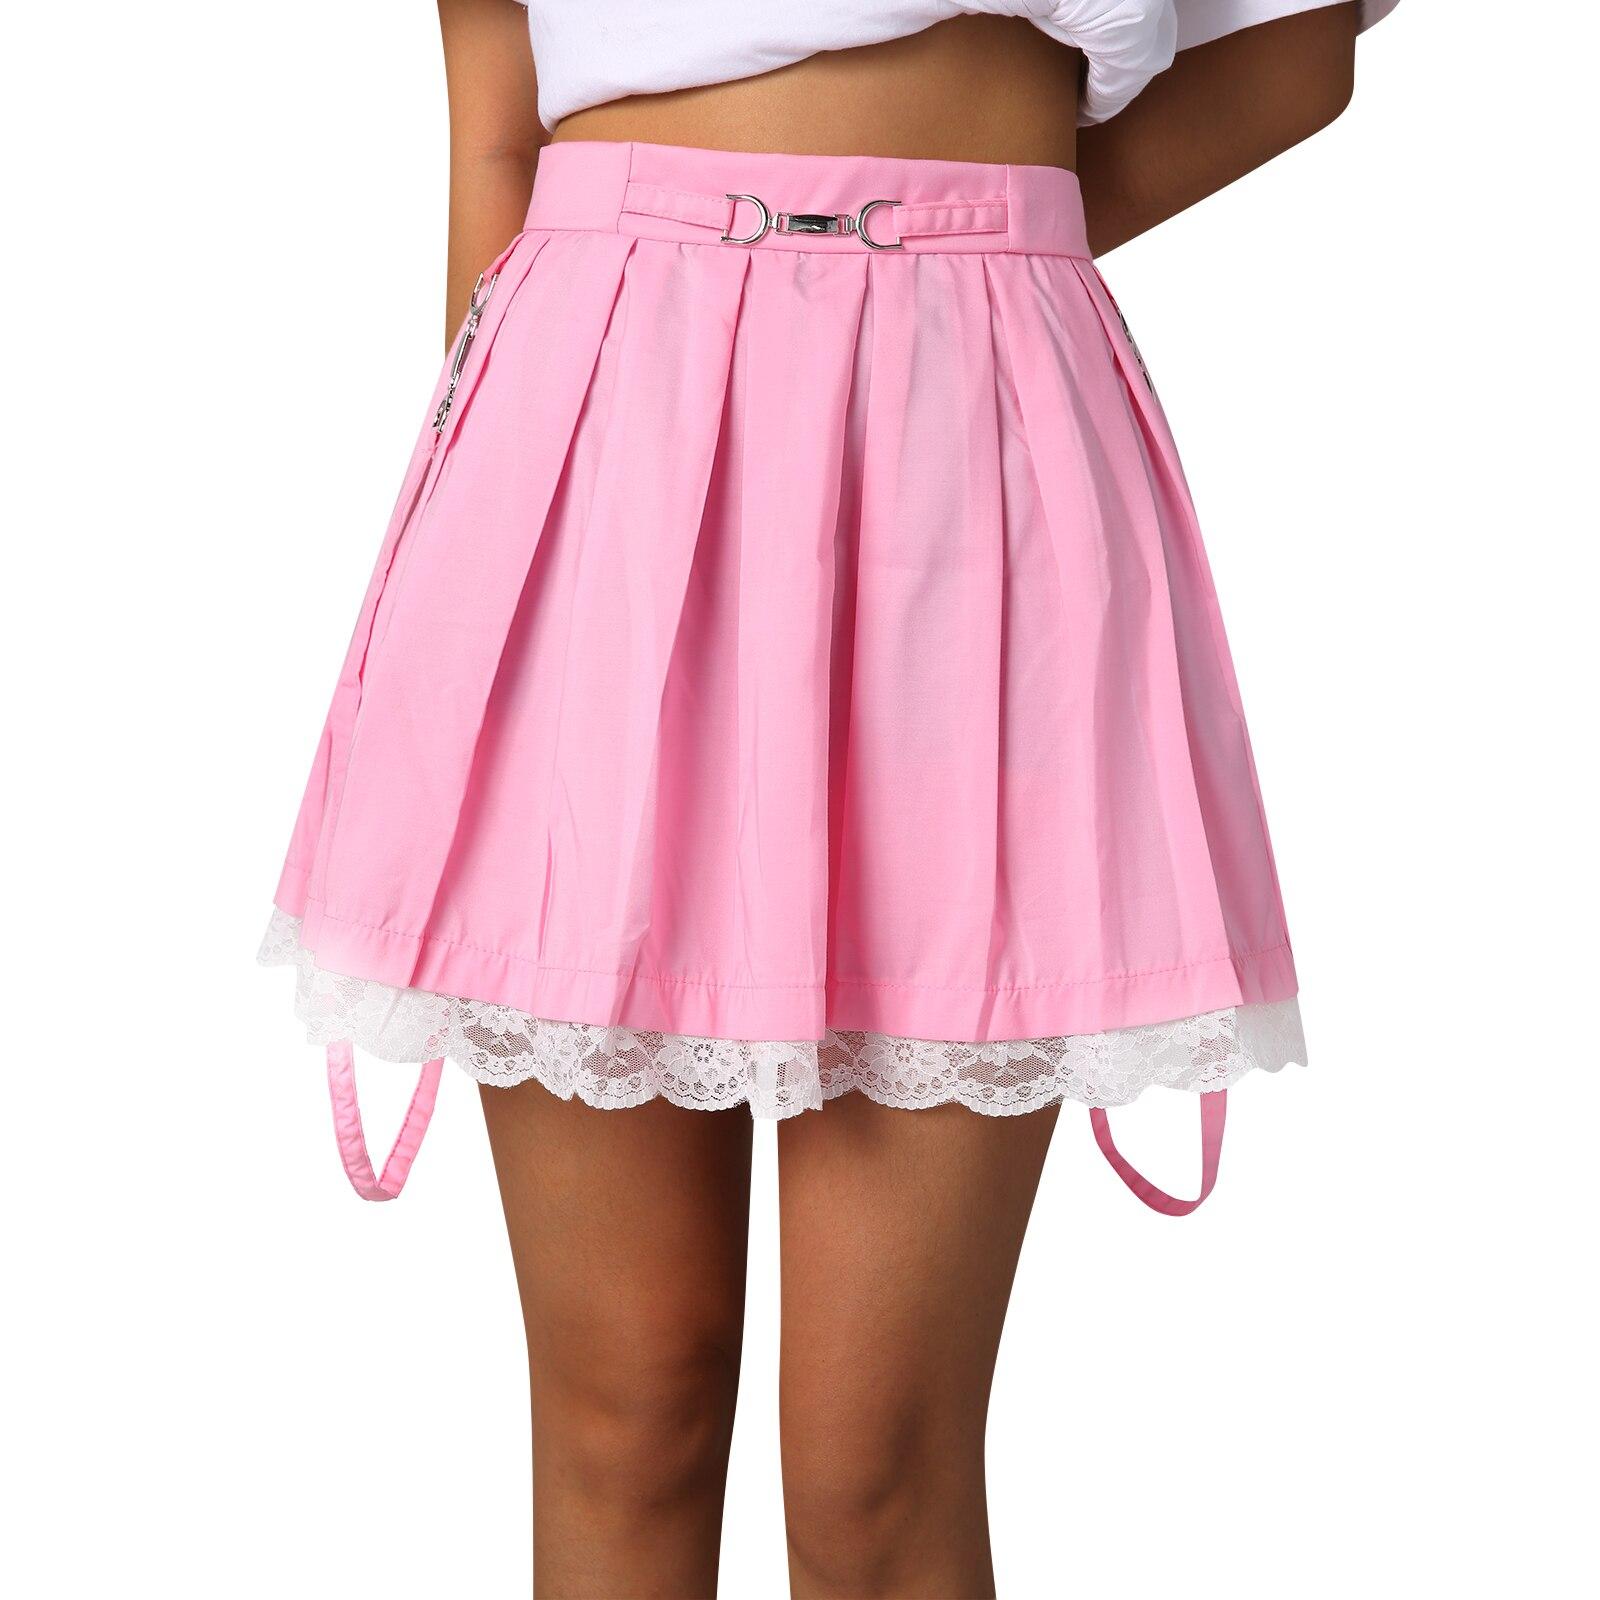 Женская юбка мини-юбка плиссе юбки уличная Harakuju с высокой талией юбка с кружевом летняя юбка для маленьких девочек Милая юбка в складку Женс...